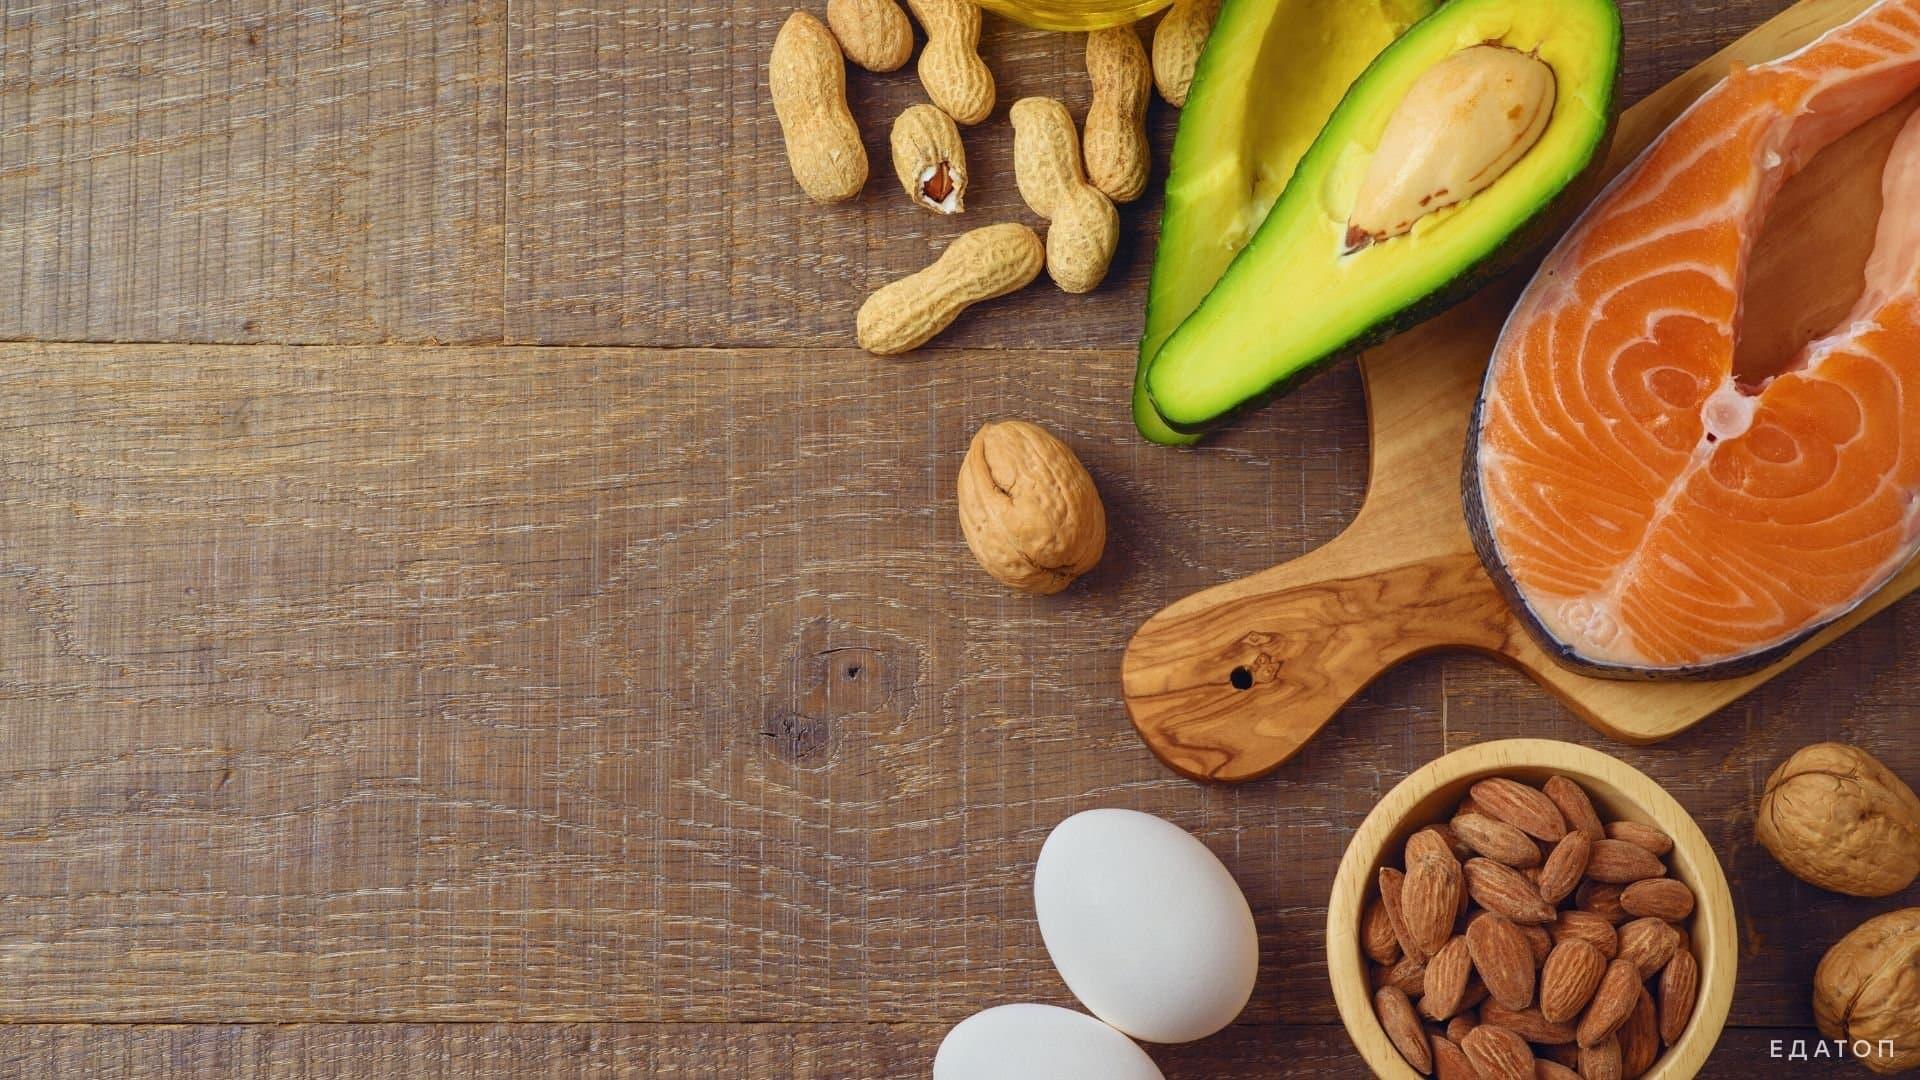 Если вы хотите сбросить вес воспользуйтесь низкоуглеводной диетой.